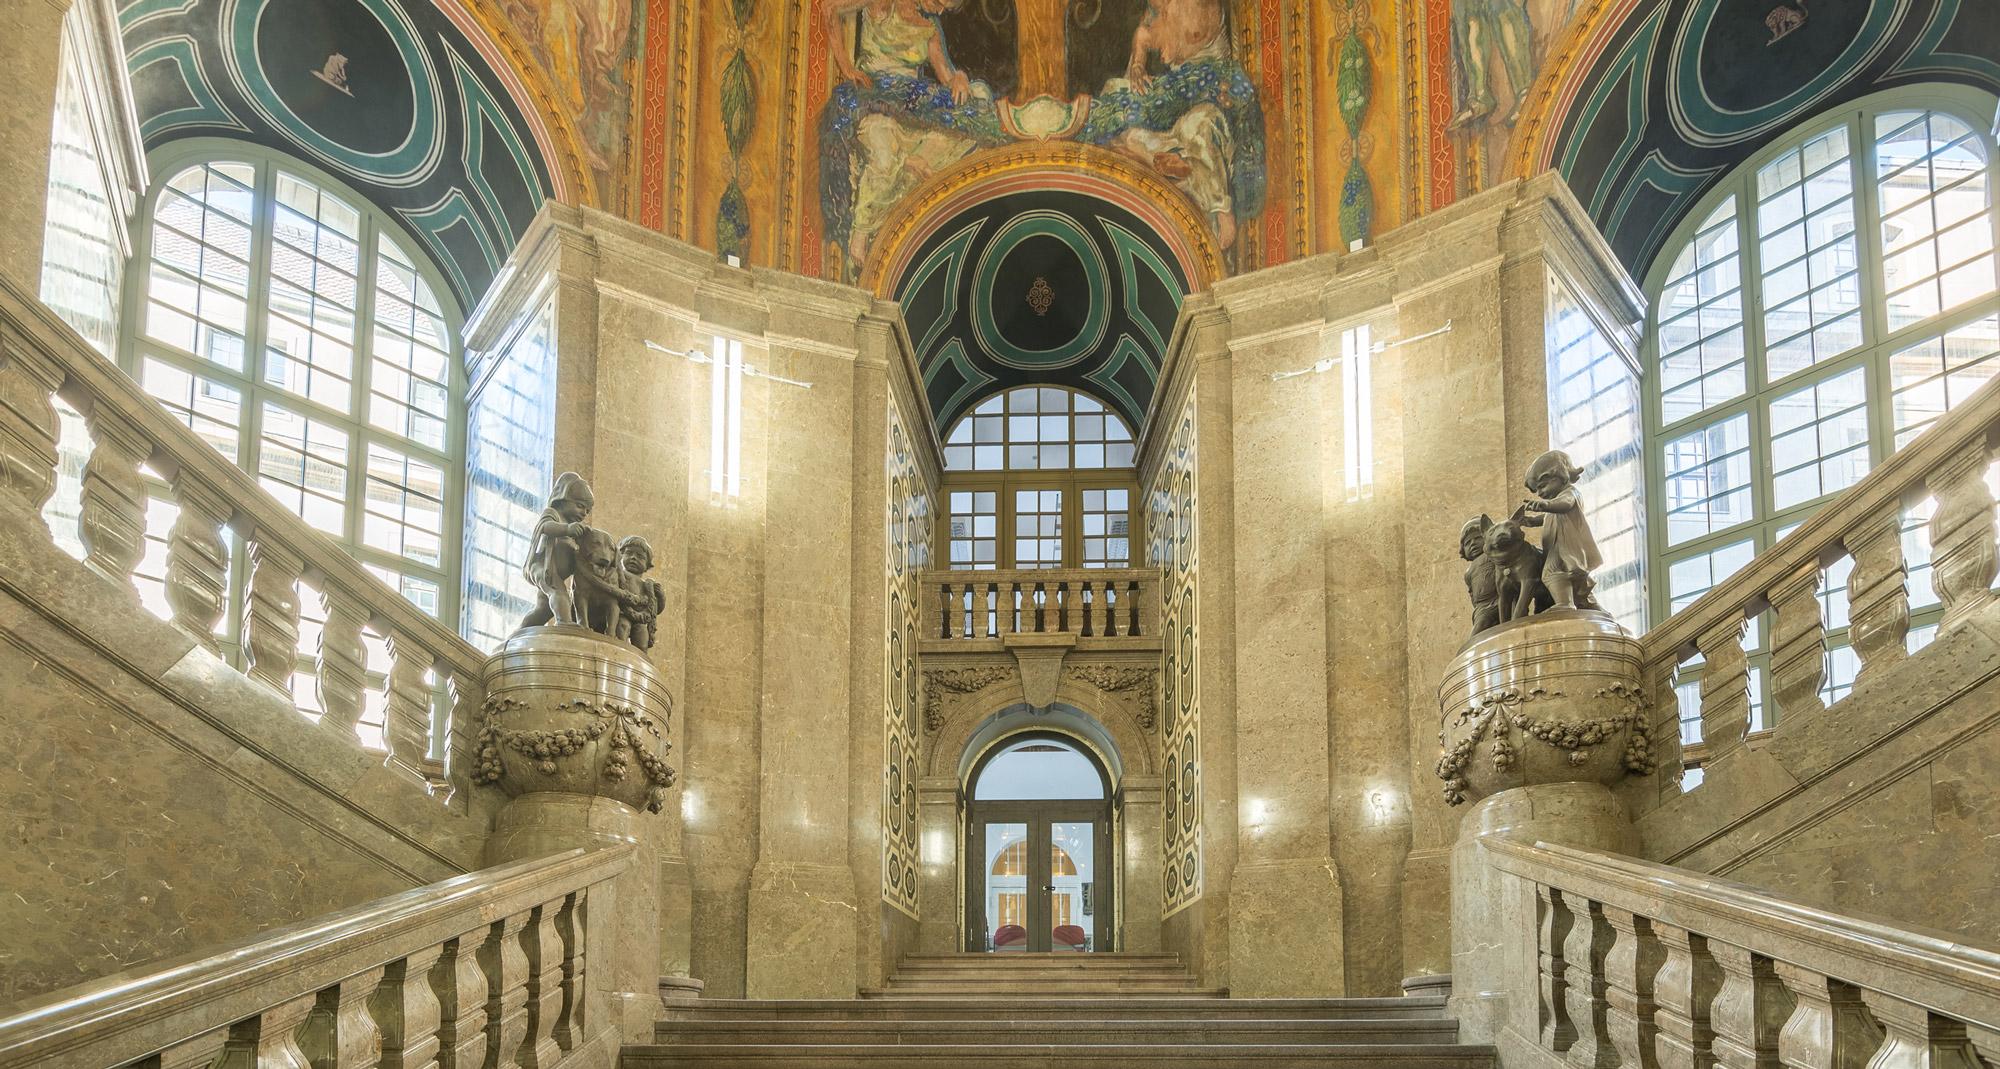 Zentrale Treppenanlage im Schlusszustand - Neues Rathaus Dresden